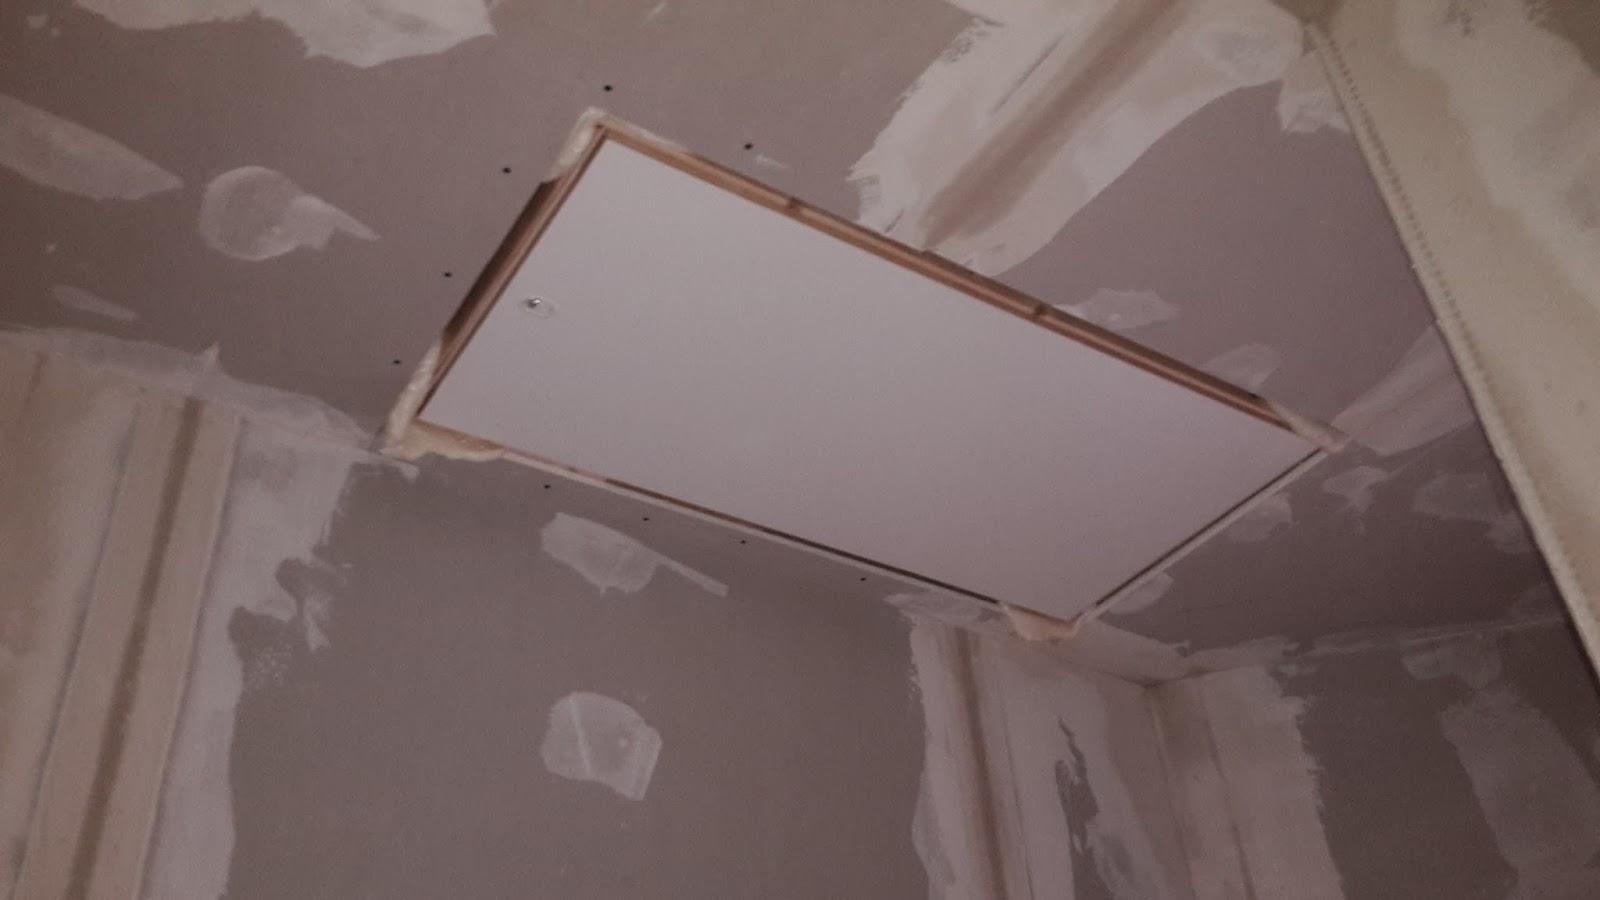 Abenteuer Ausbauhaus Einbau Der Dachboden Treppe